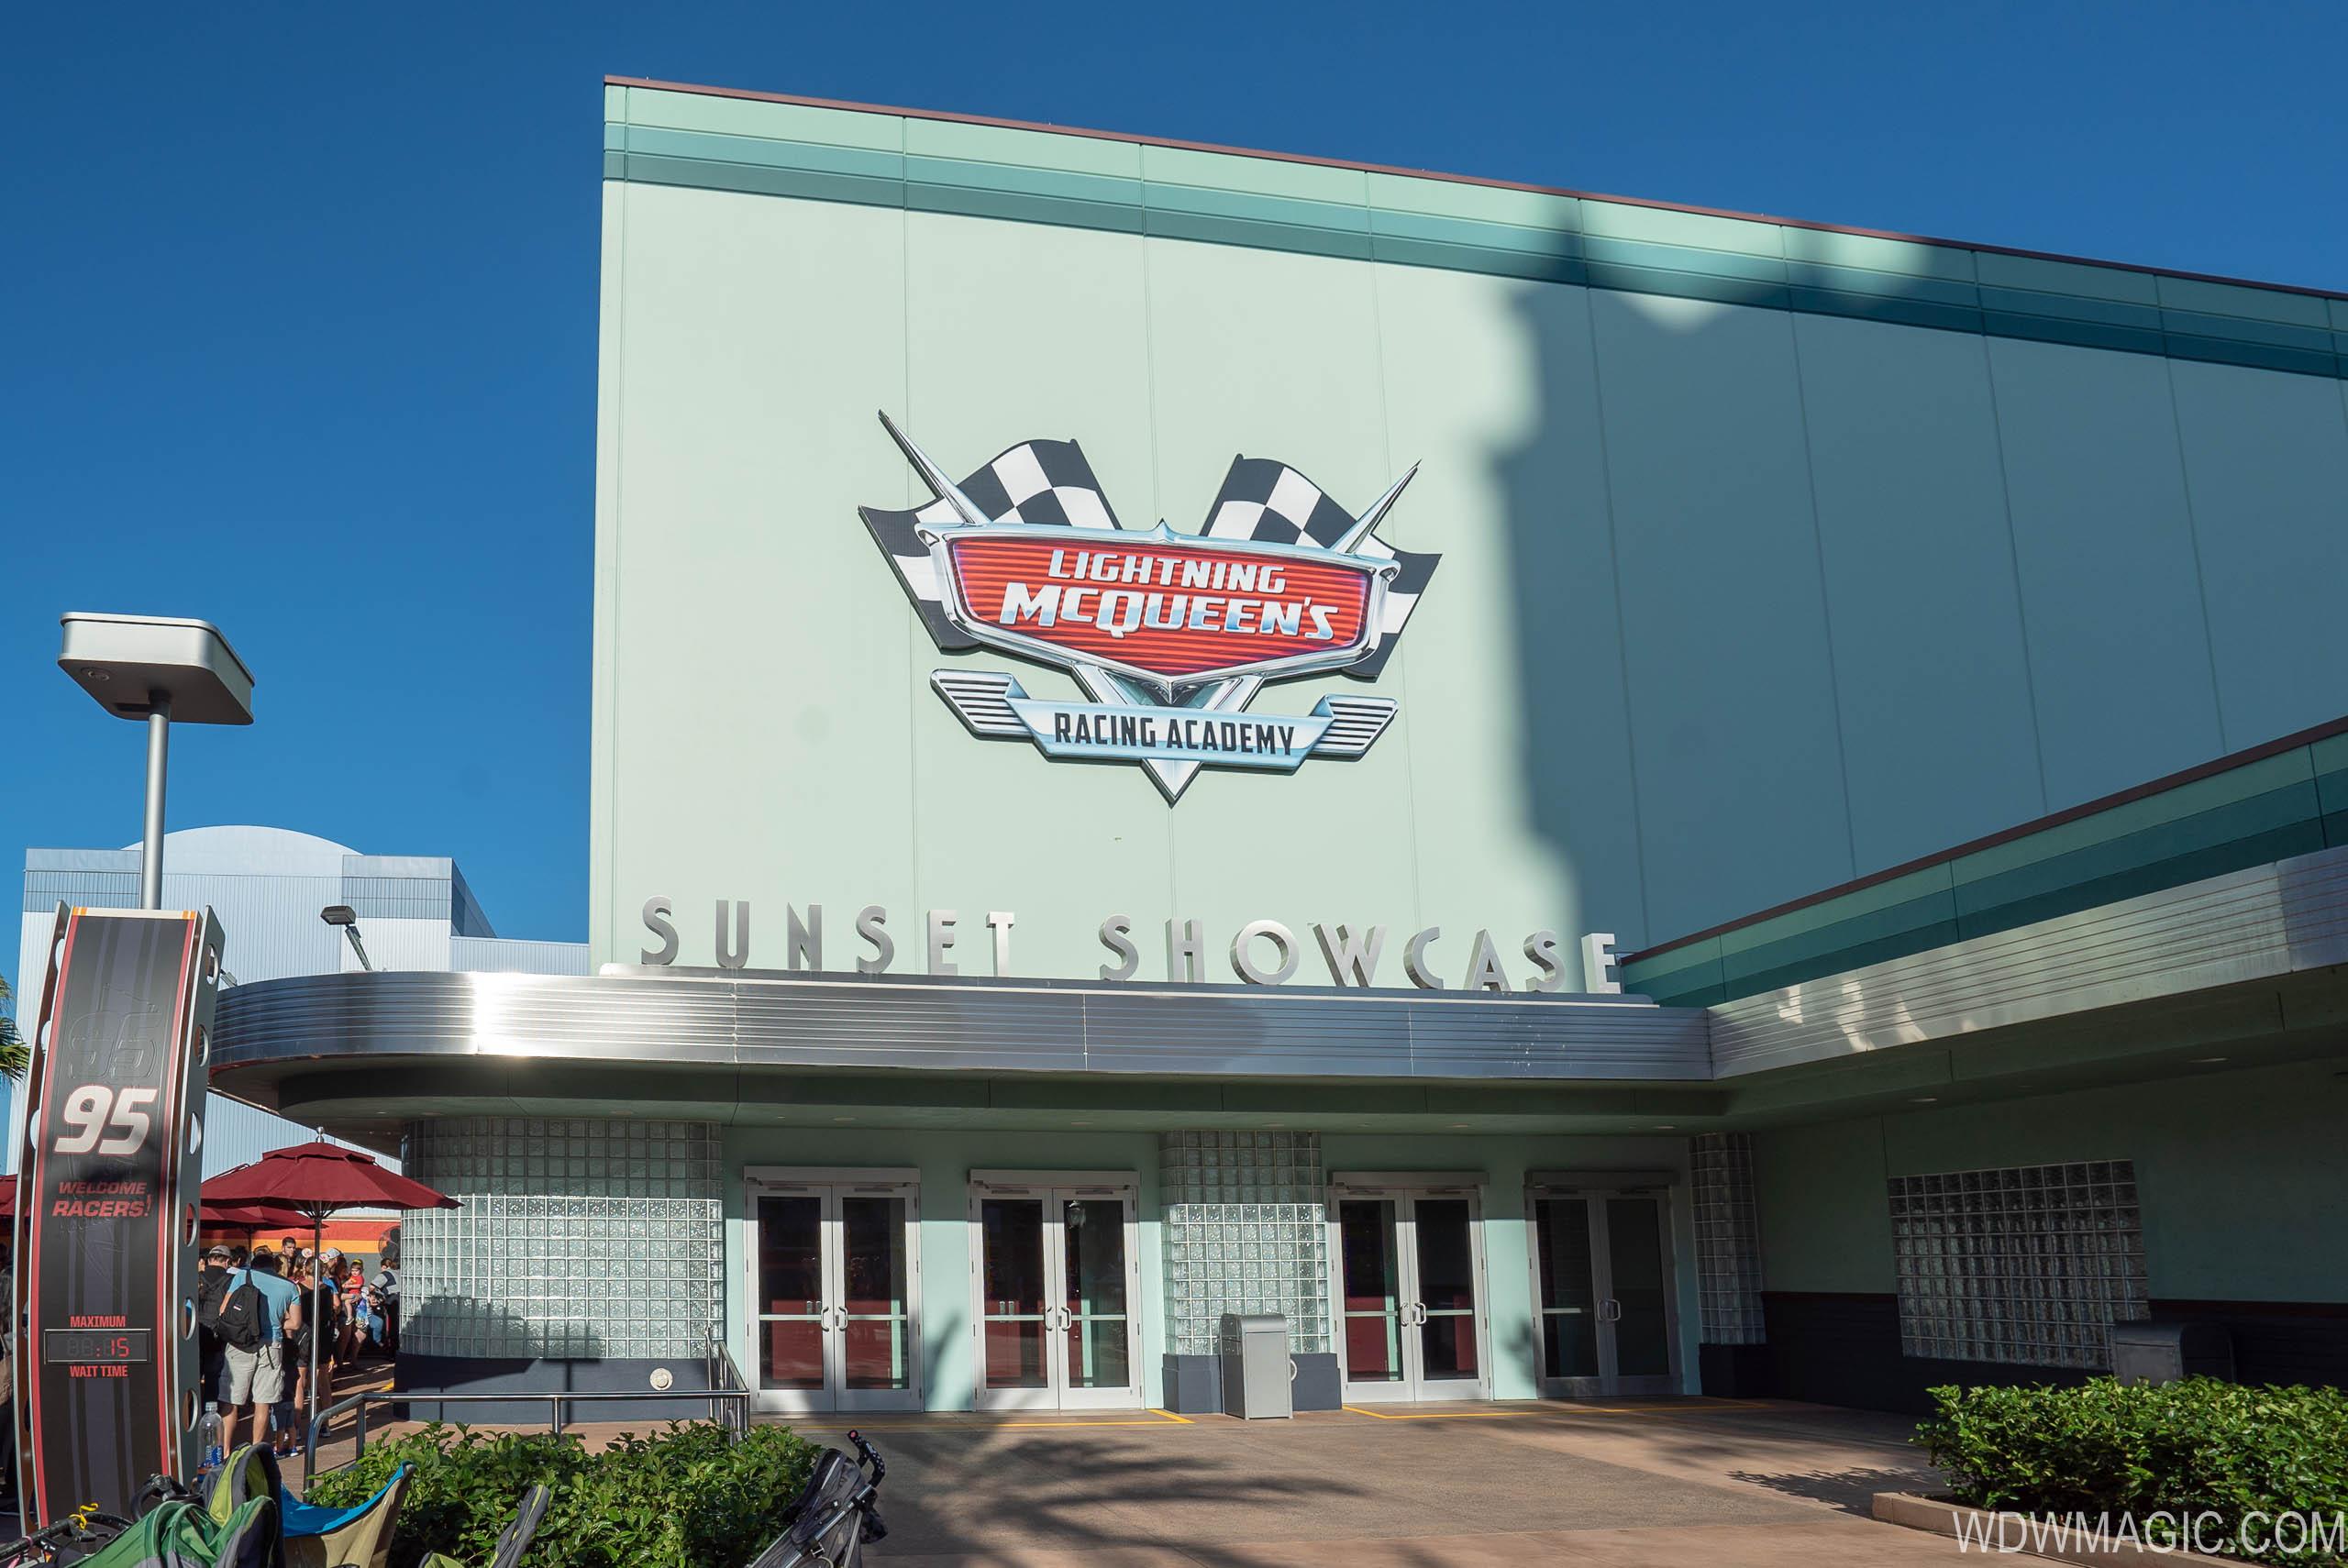 002ea34875a9 PHOTOS - Lightning McQueen s Racing Academy now open at Disney s ...